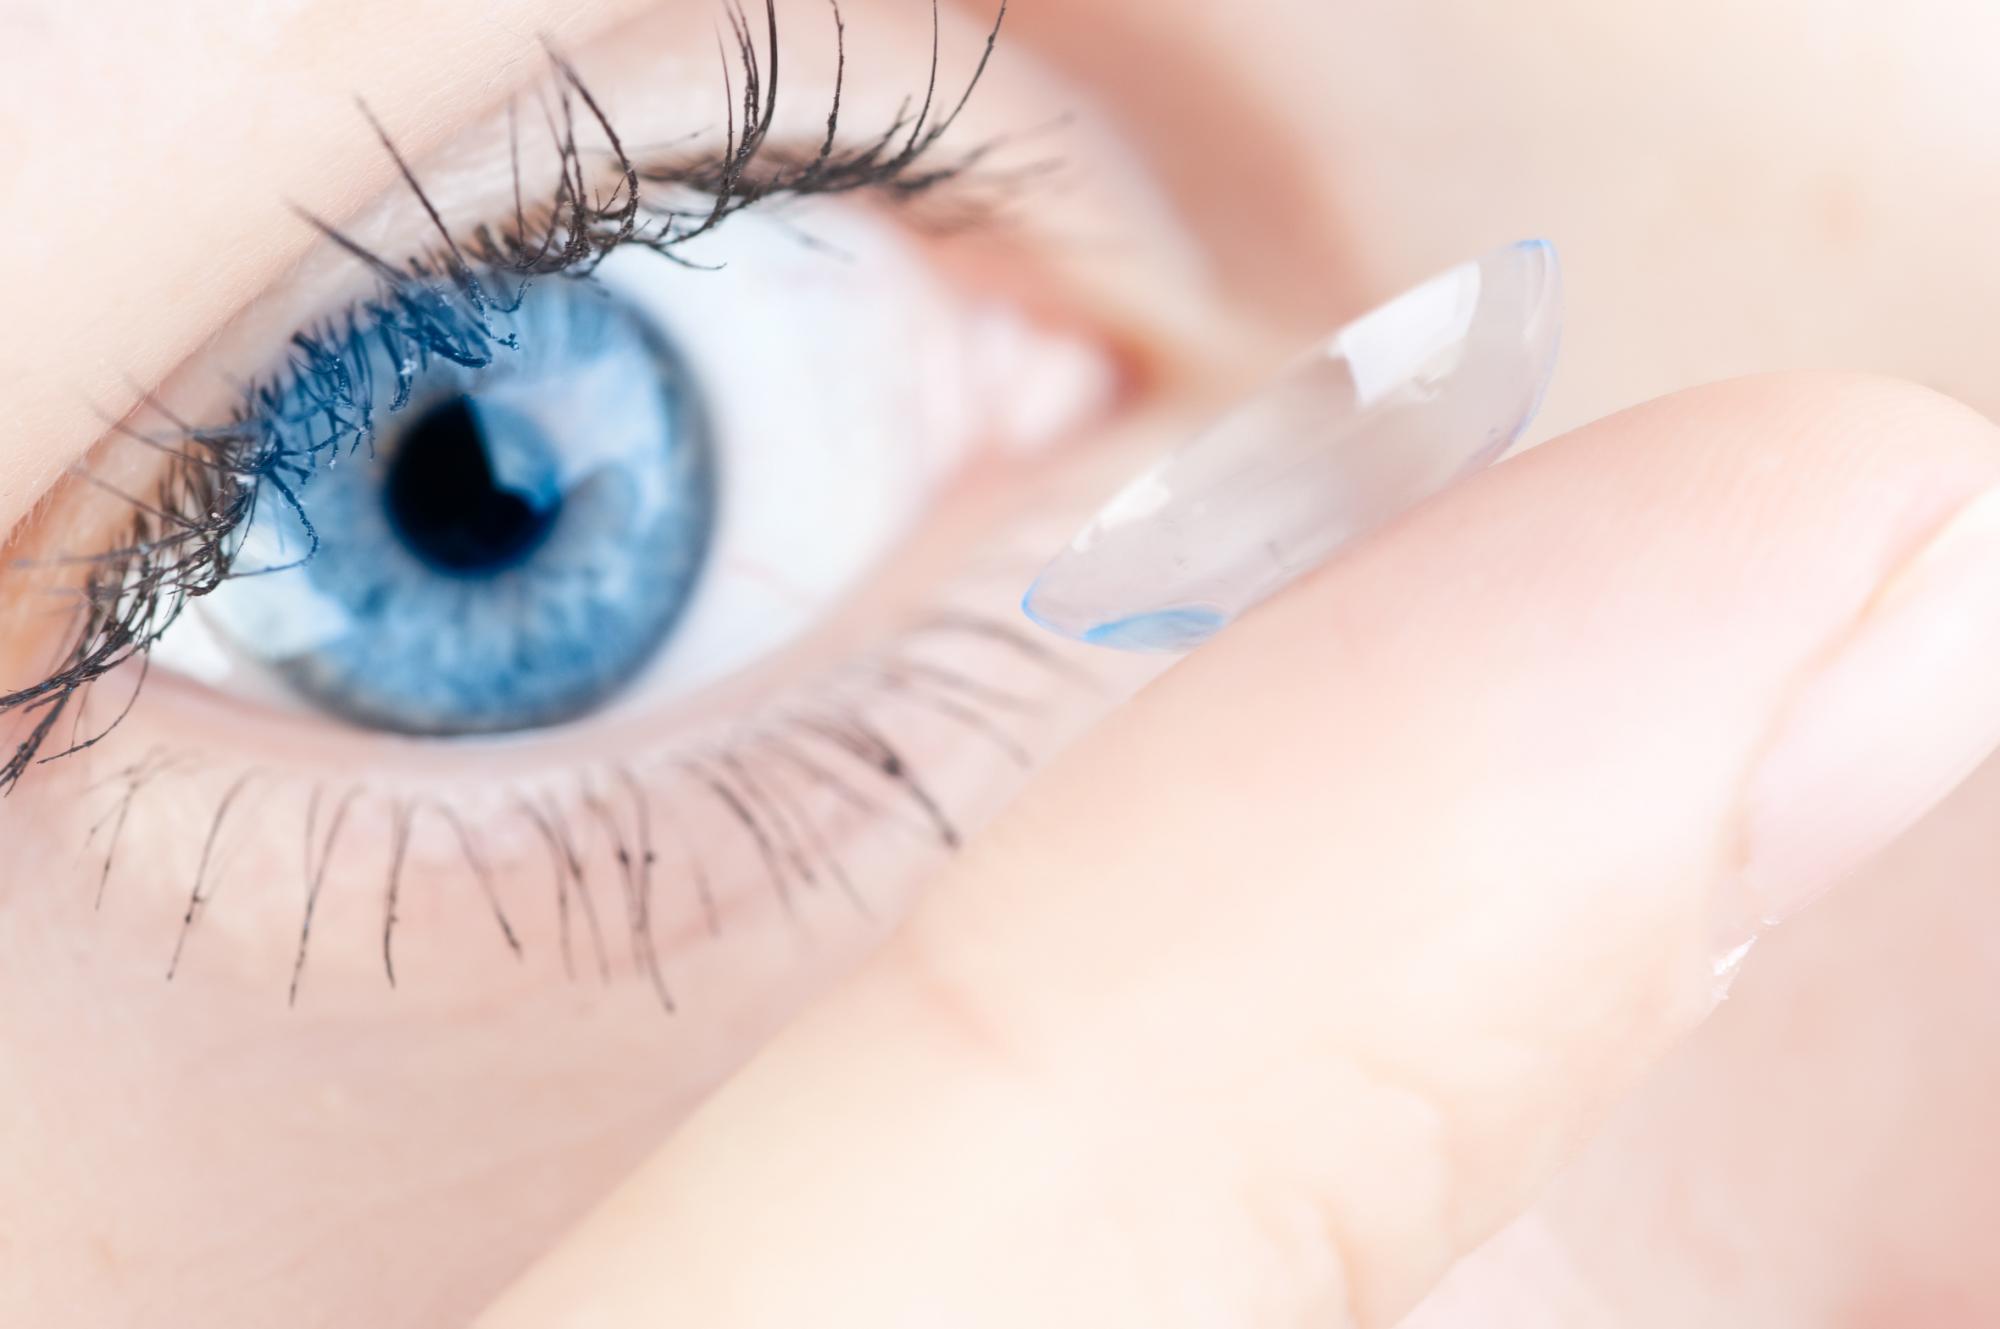 Les lentilles de contact pour un port occasionnel